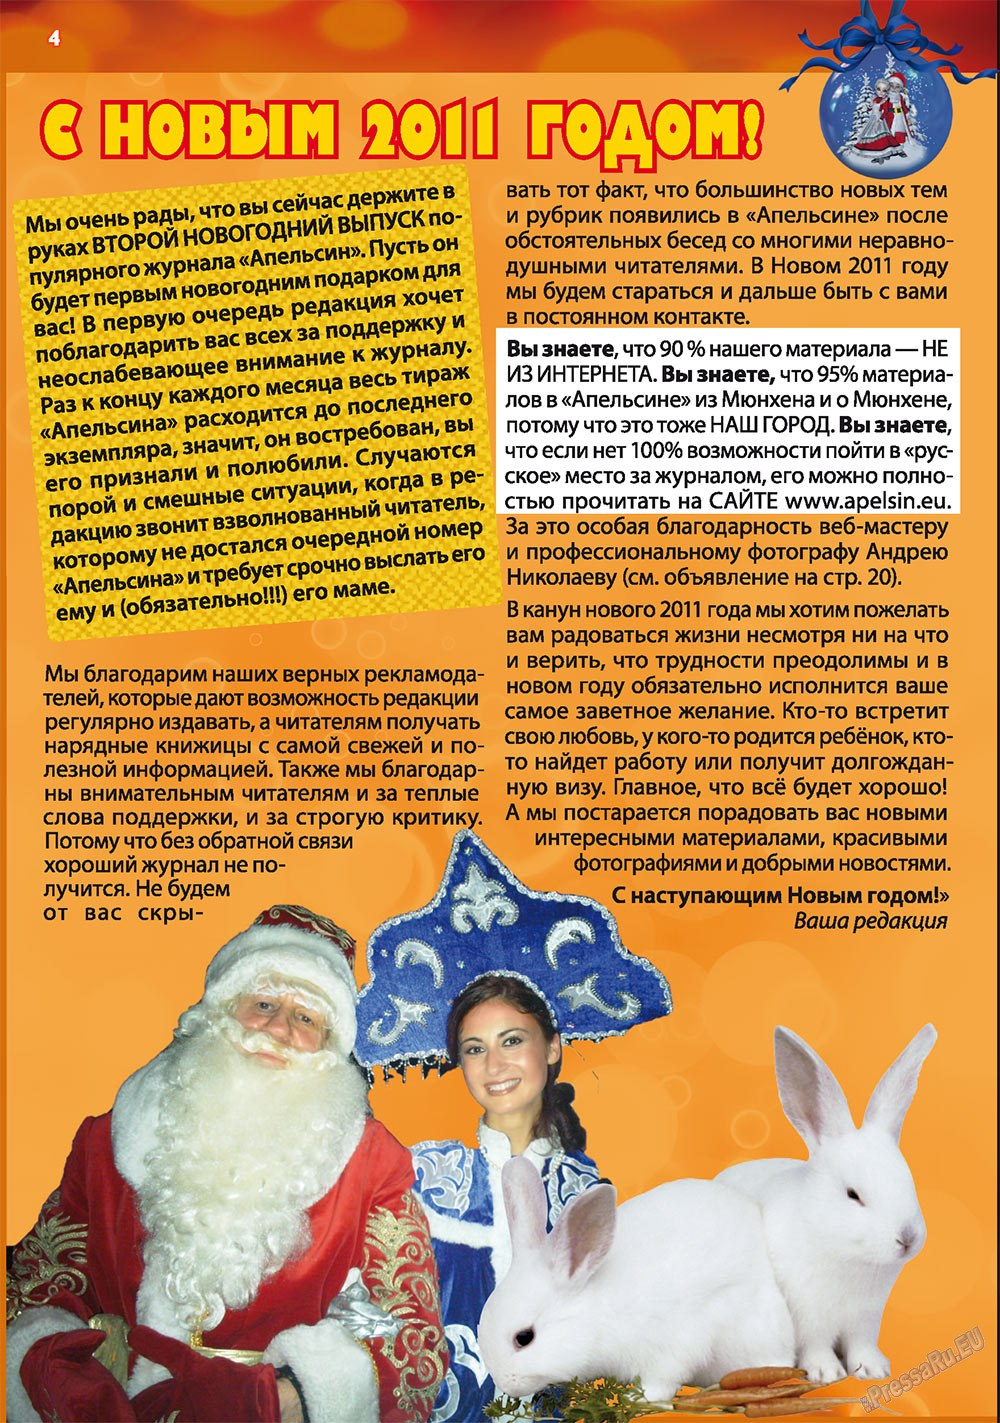 Апельсин (журнал). 2010 год, номер 17, стр. 4